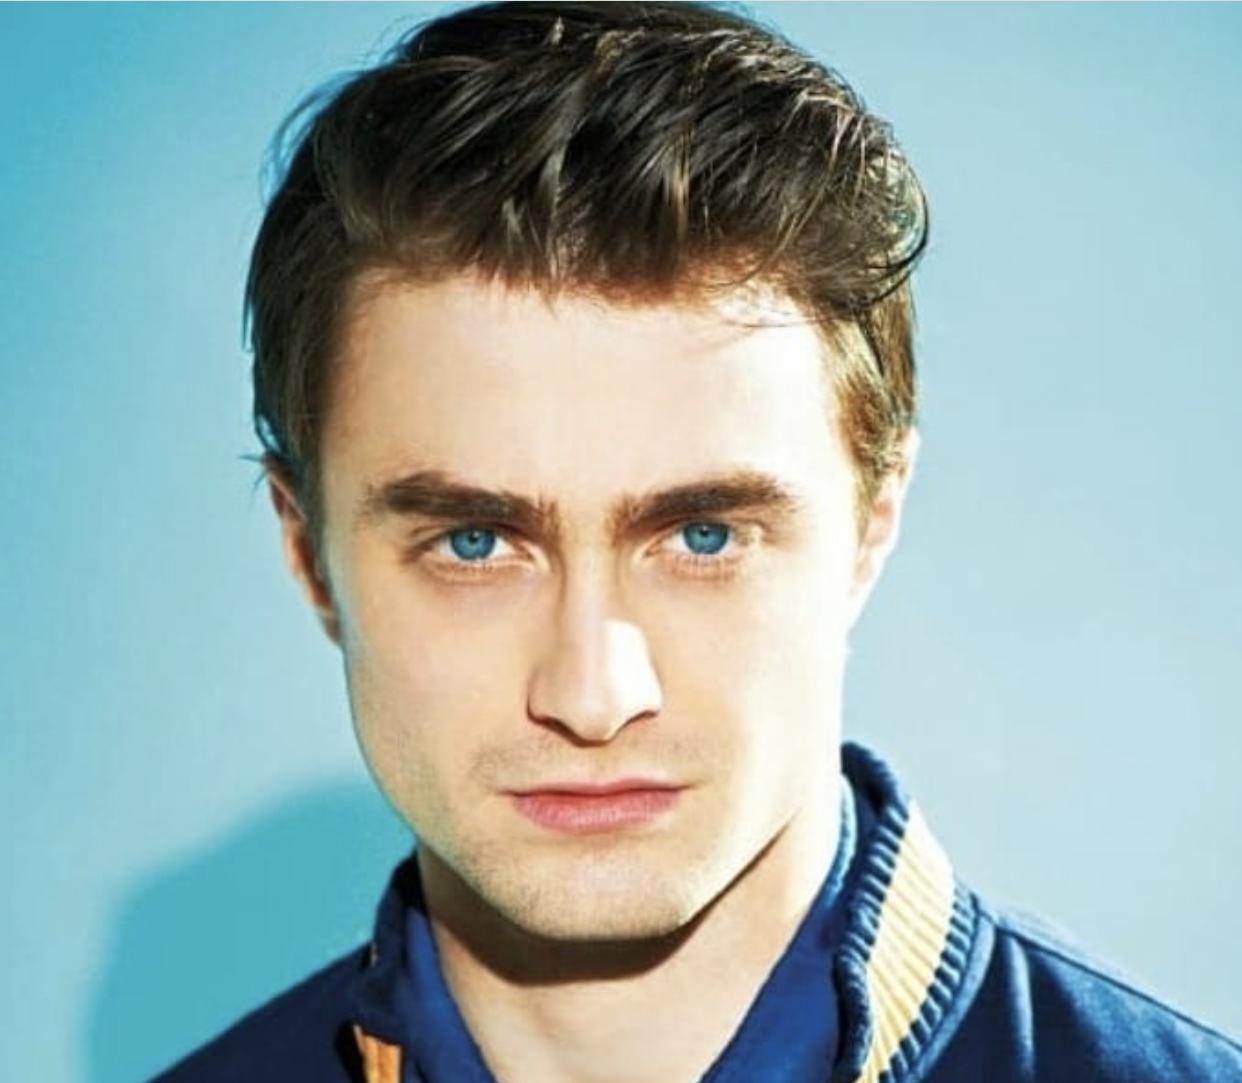 Cinema, LA FABBRICA DEI SOGNI. Il Maghetto Harry Potter contro la sua creatrice, la scrittrice J.K. Rowling!